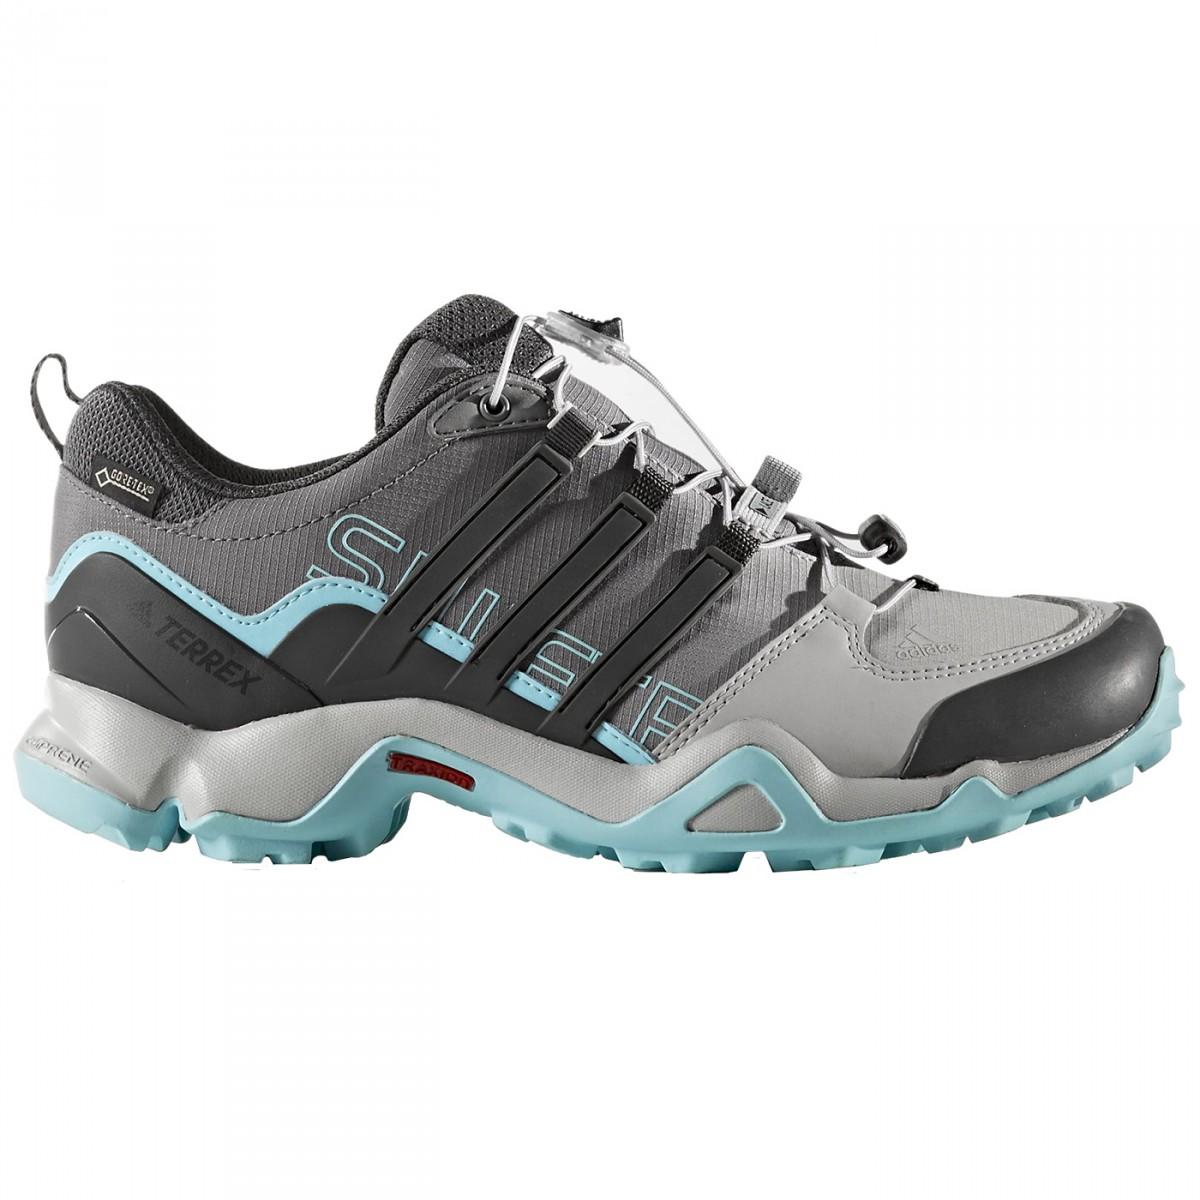 Scarpe Calzature Montagna Gtx Donna Swift Terrex Trekking Adidas rxSYw0r4